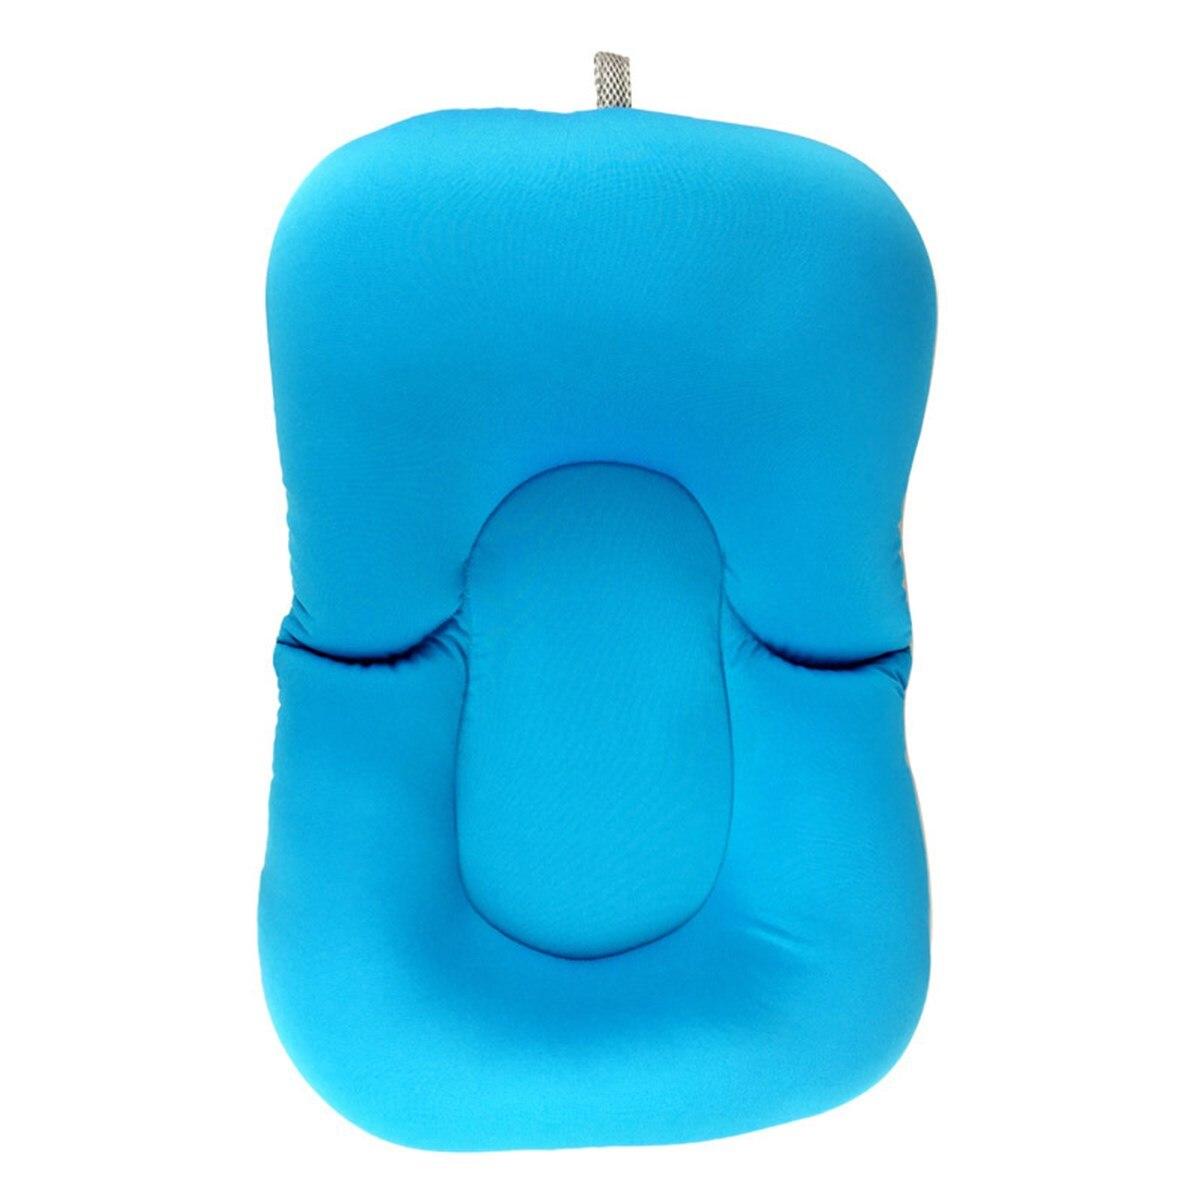 2 Colors Elastic Fabric Baby Bath Tub Air Cushion Lounger Pillow Pad ...